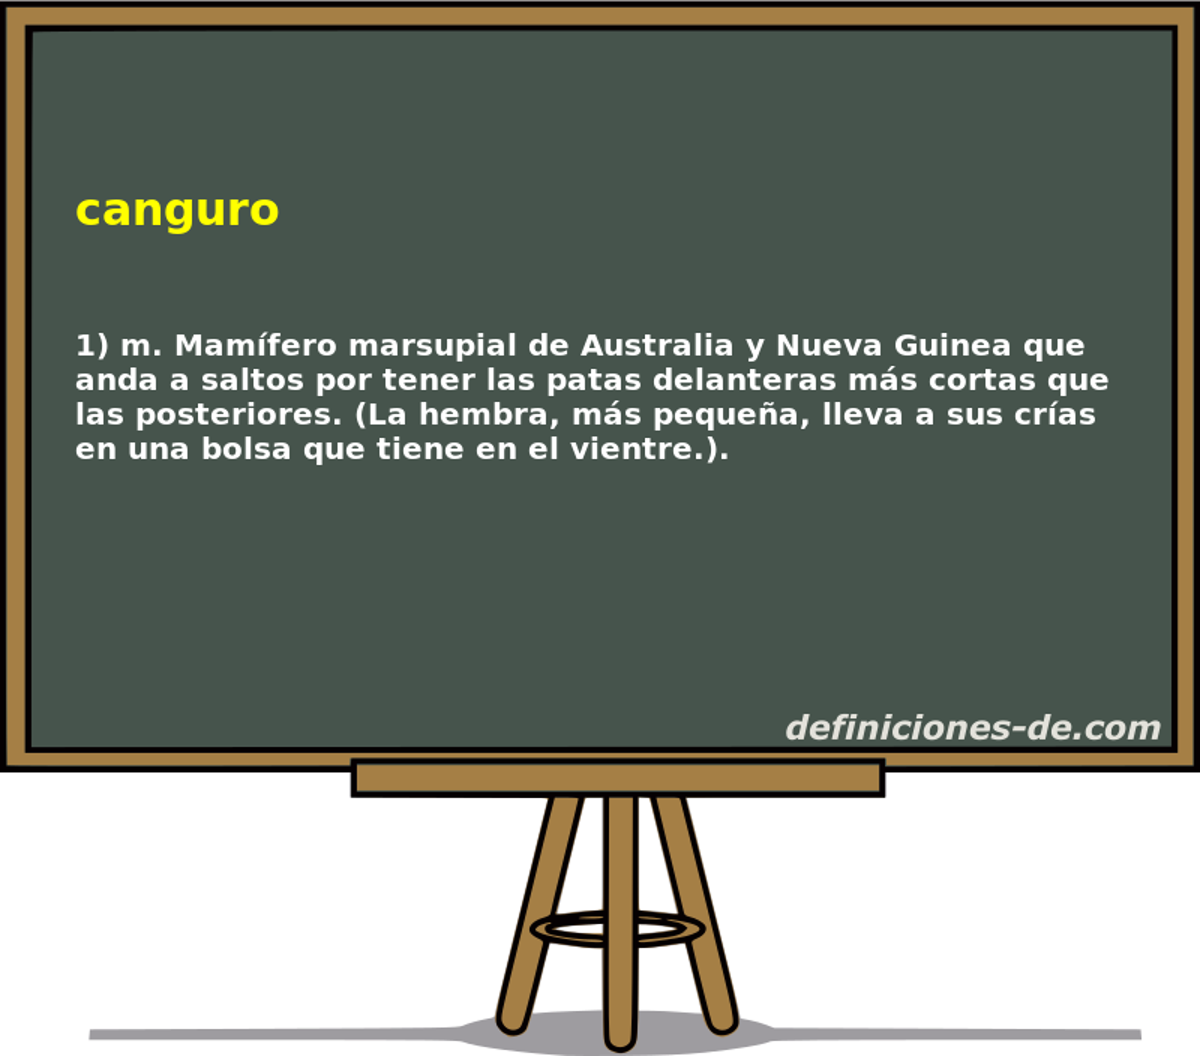 Moderno Canguro De La Anatomía Genital Fotos - Imágenes de Anatomía ...